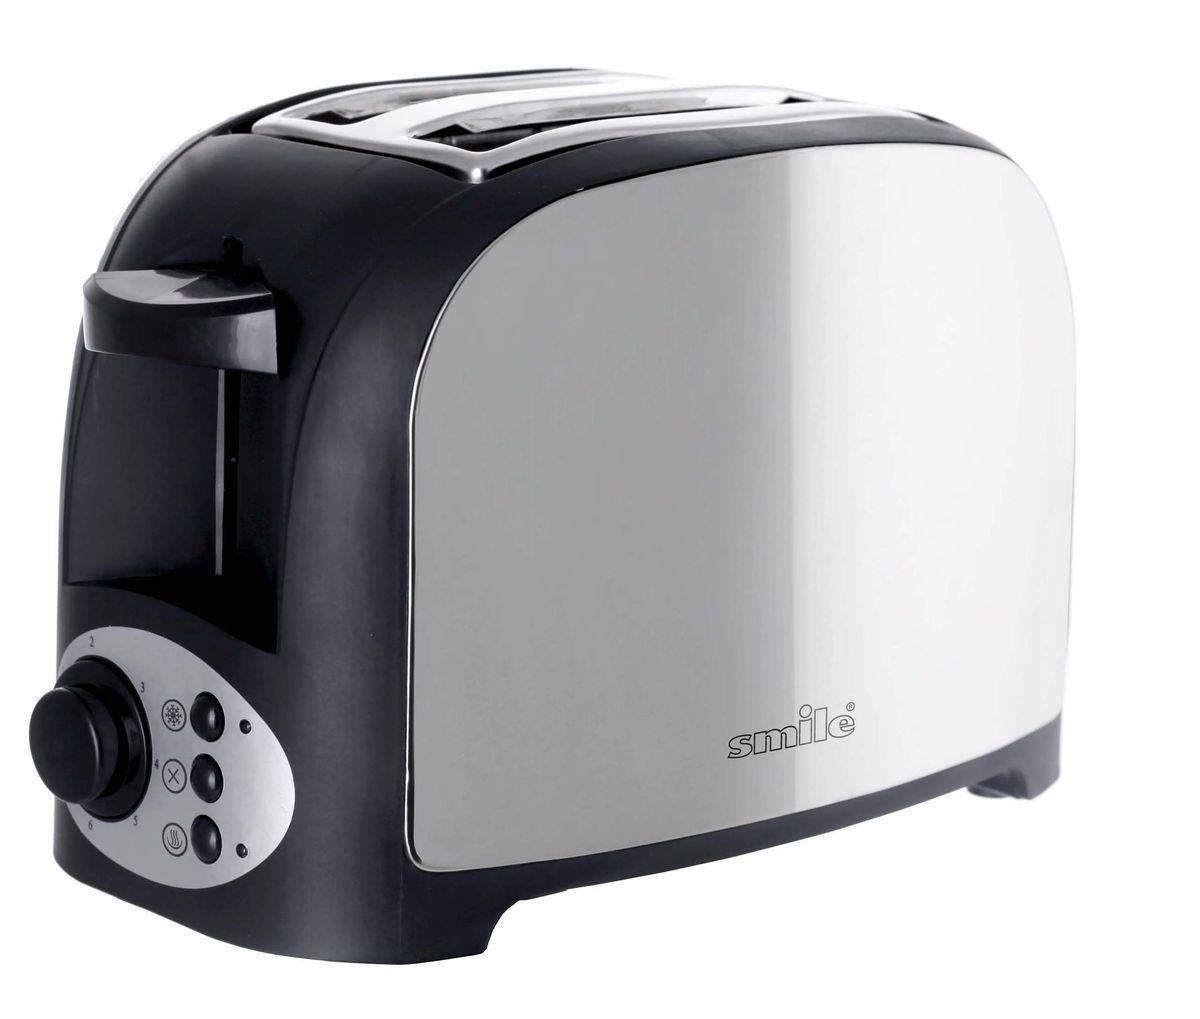 Smile ТА 1841, Black Silver тостер - Тостеры